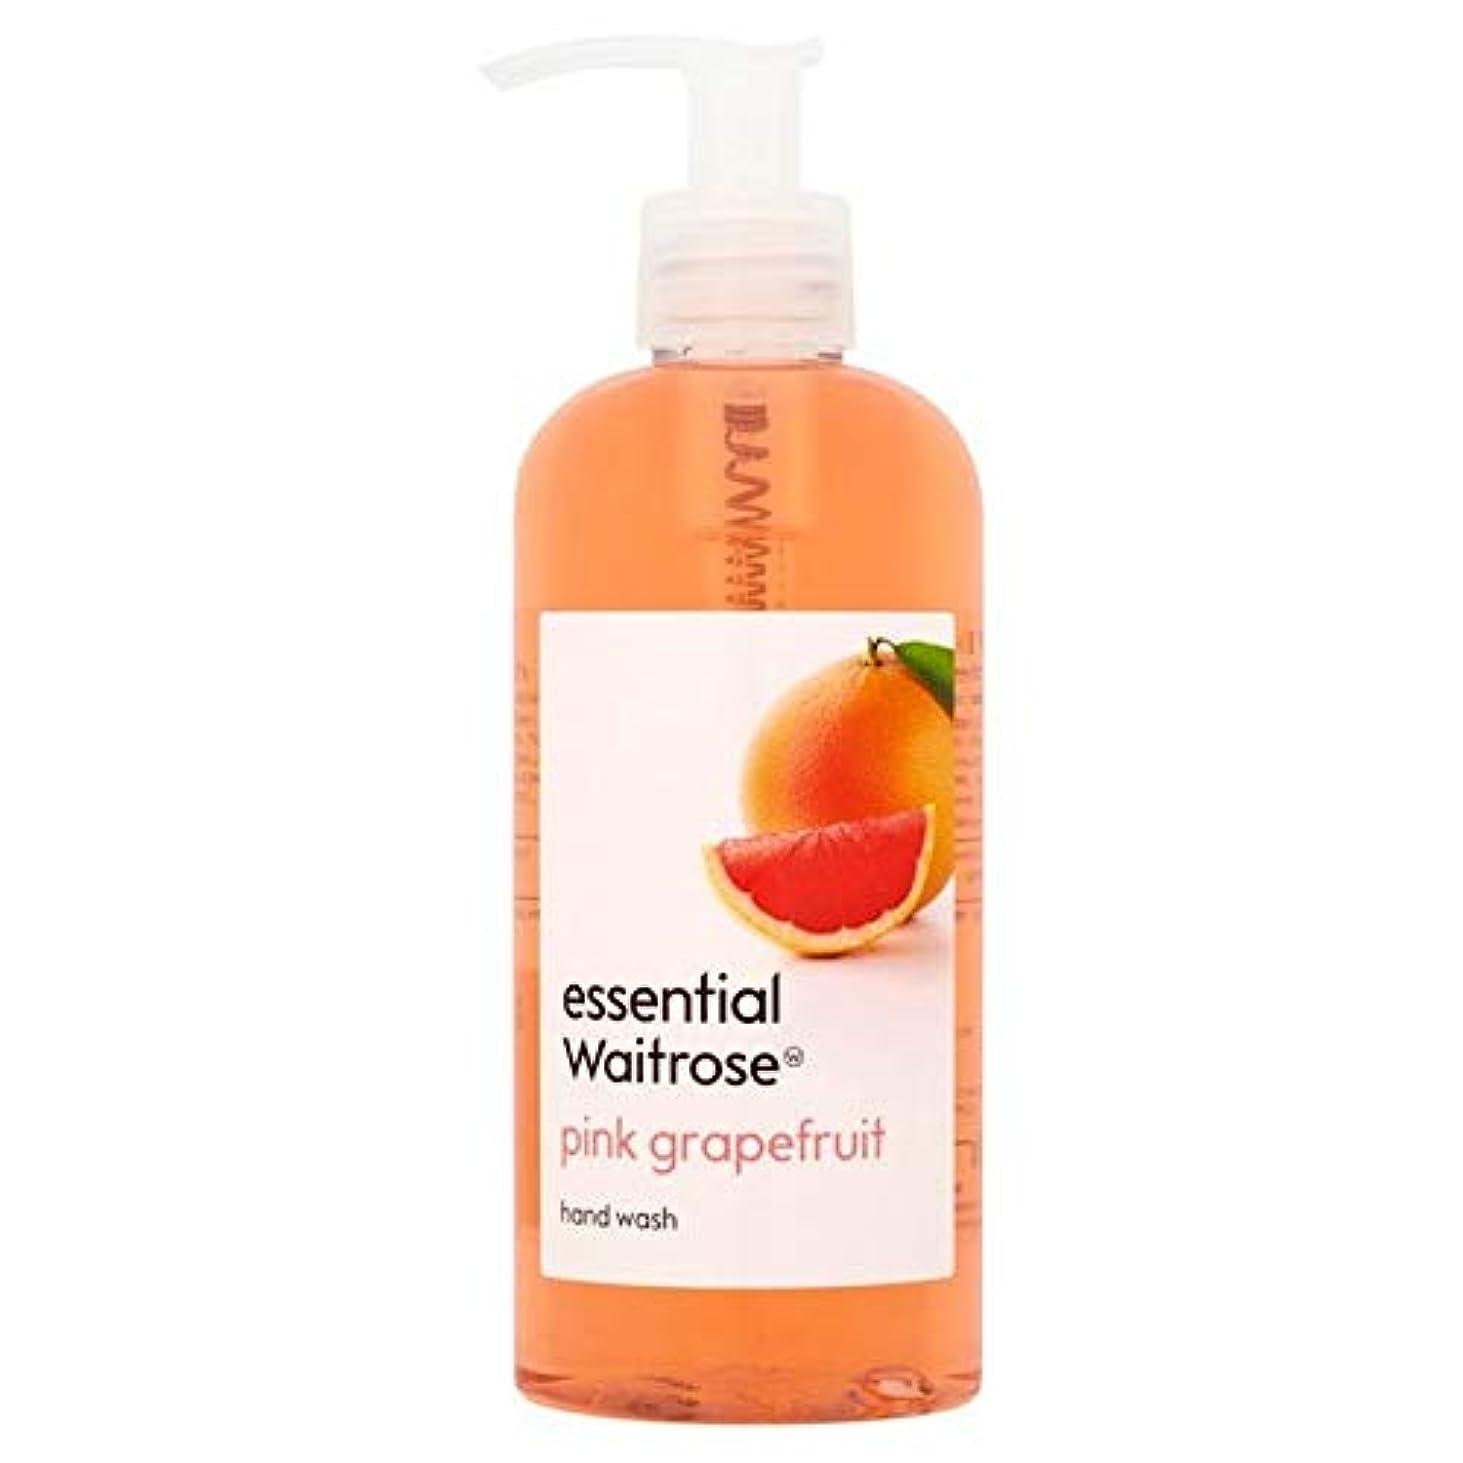 思い出させる先駆者ハーネス[Waitrose ] 基本的なウェイトローズのハンドウォッシュピンクグレープフルーツ300ミリリットル - Essential Waitrose Hand Wash Pink Grapefruit 300ml [並行輸入品]